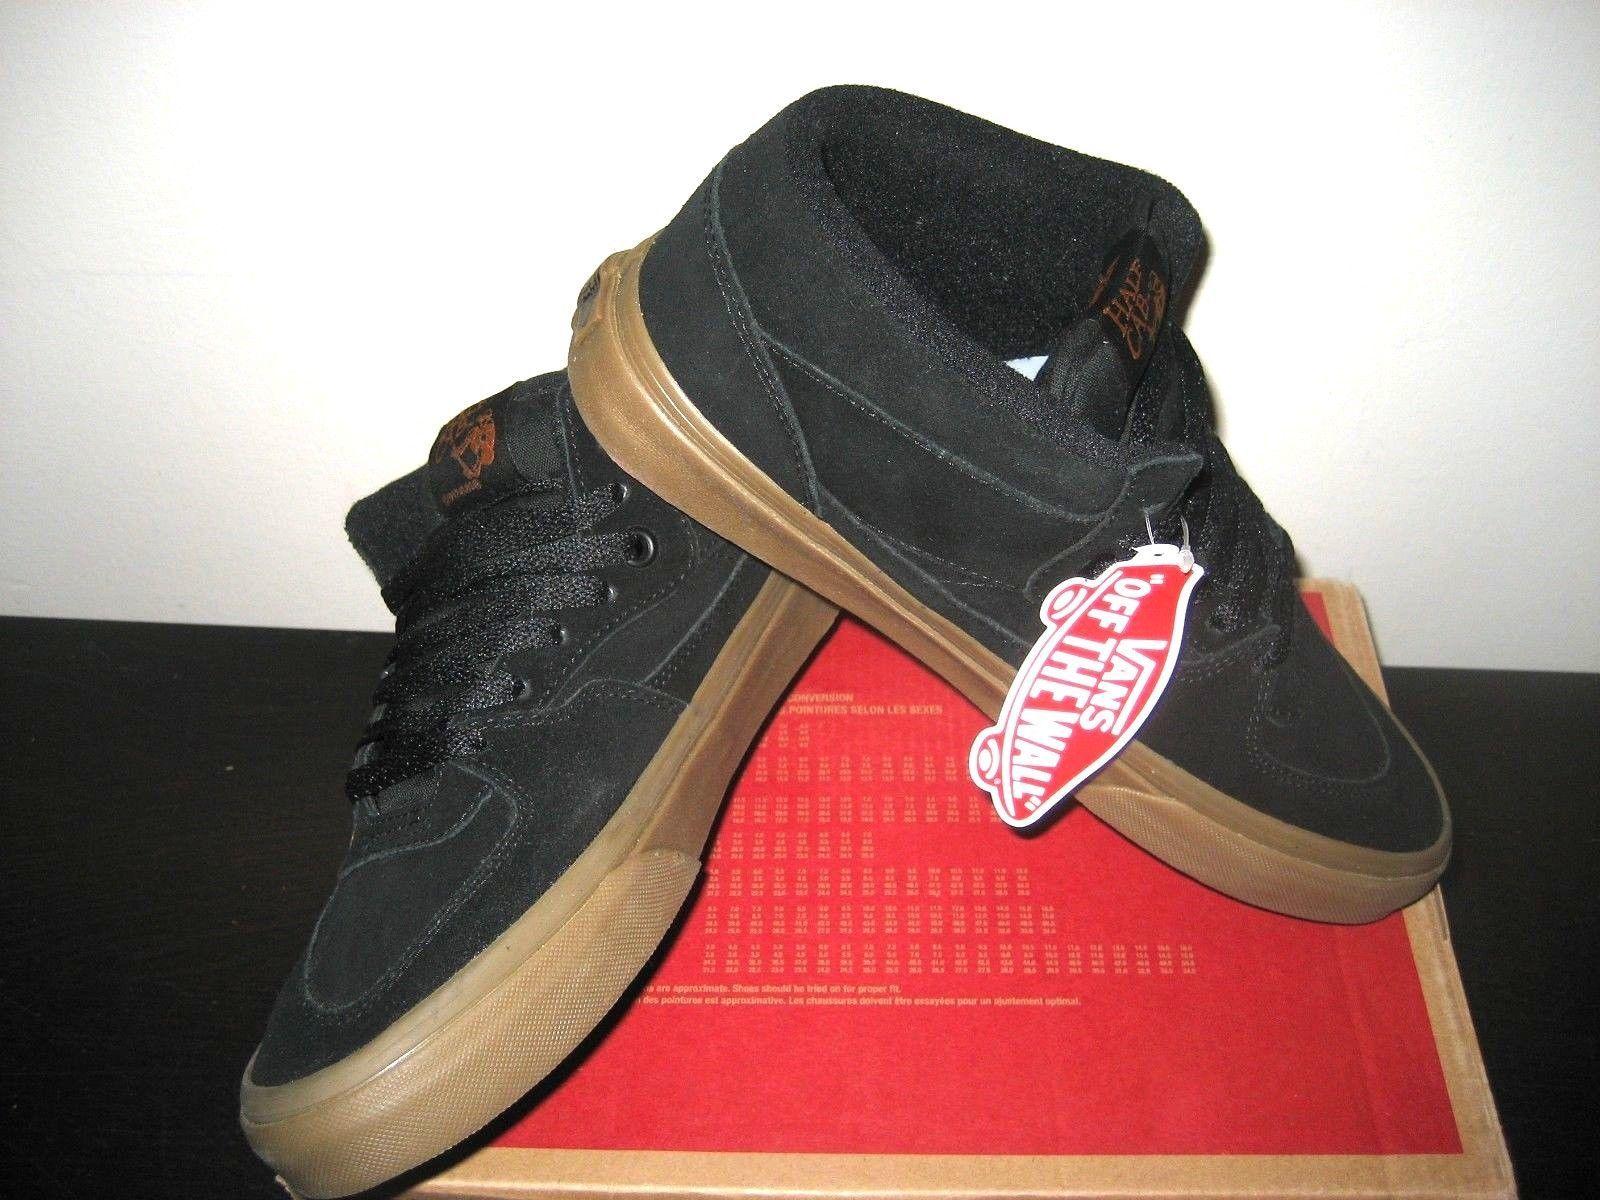 c910c3955d Vans Mens Half Cab Gum Black Black Suede Canvas Skate Shoes Size 7 Classic  NWT